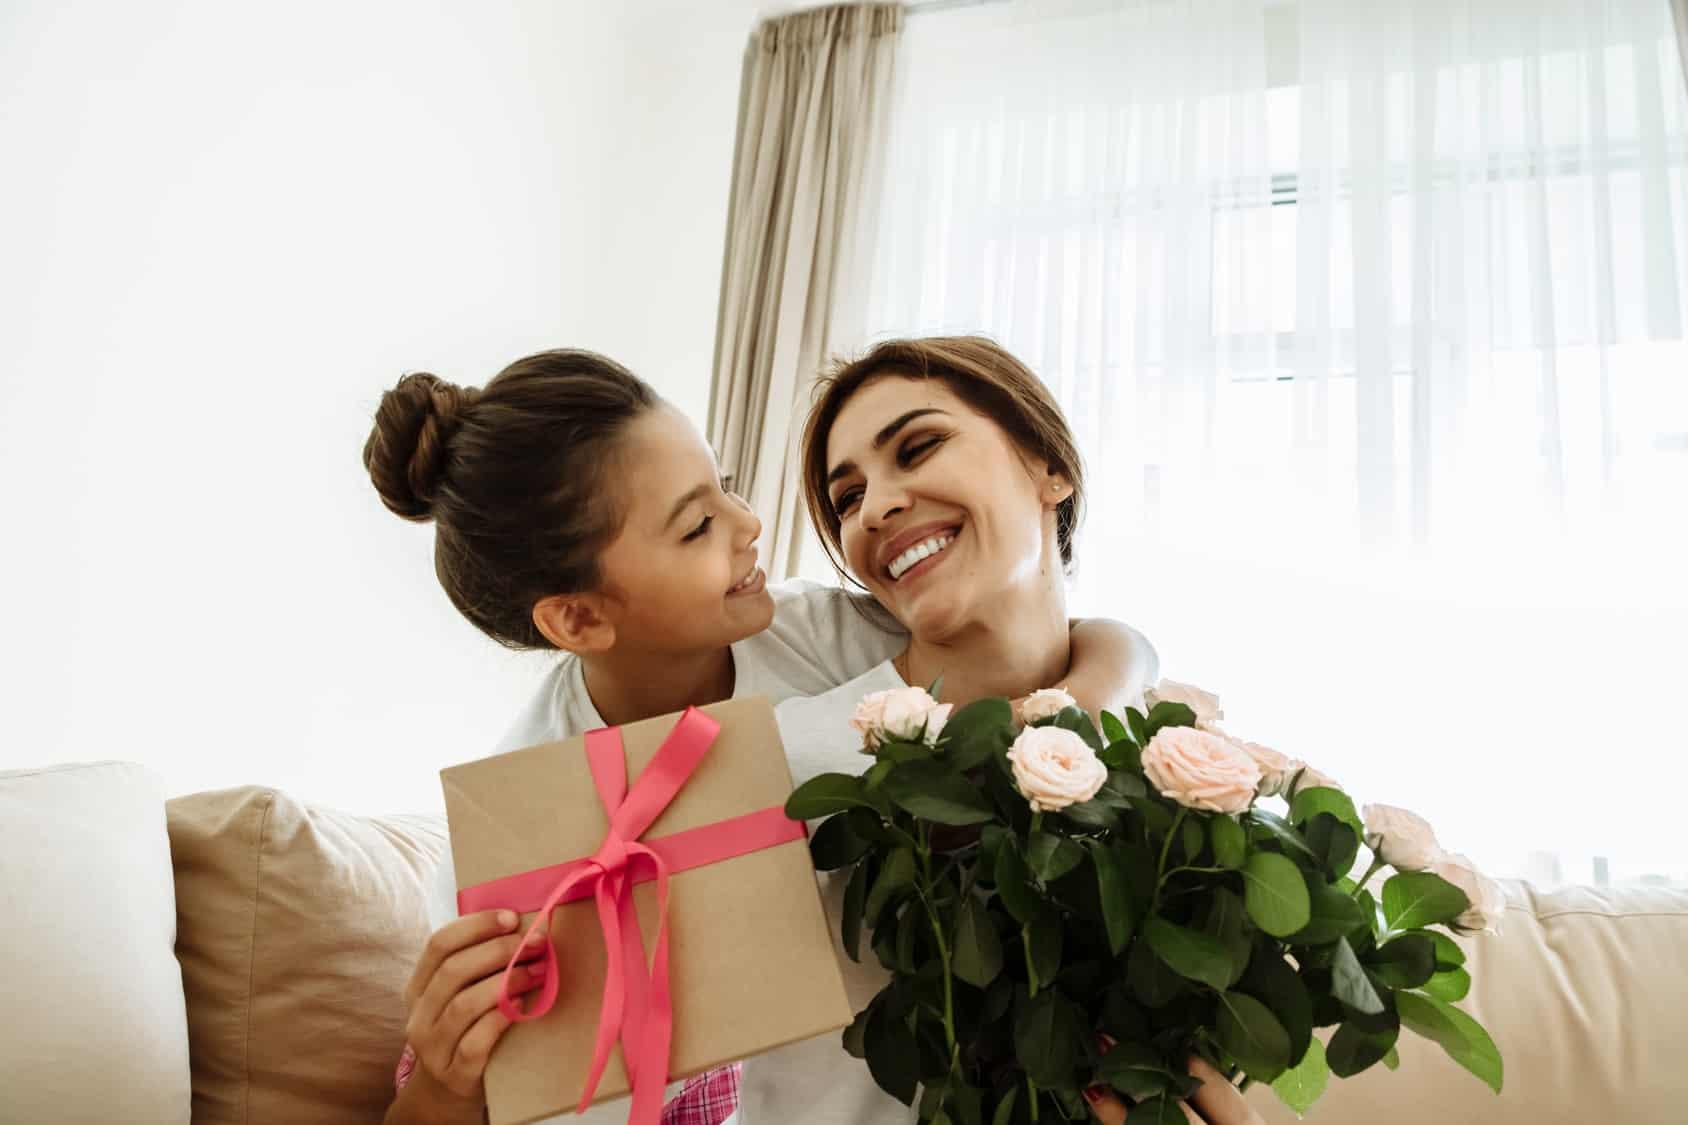 Madre e hija celebrando el Día de las Madres